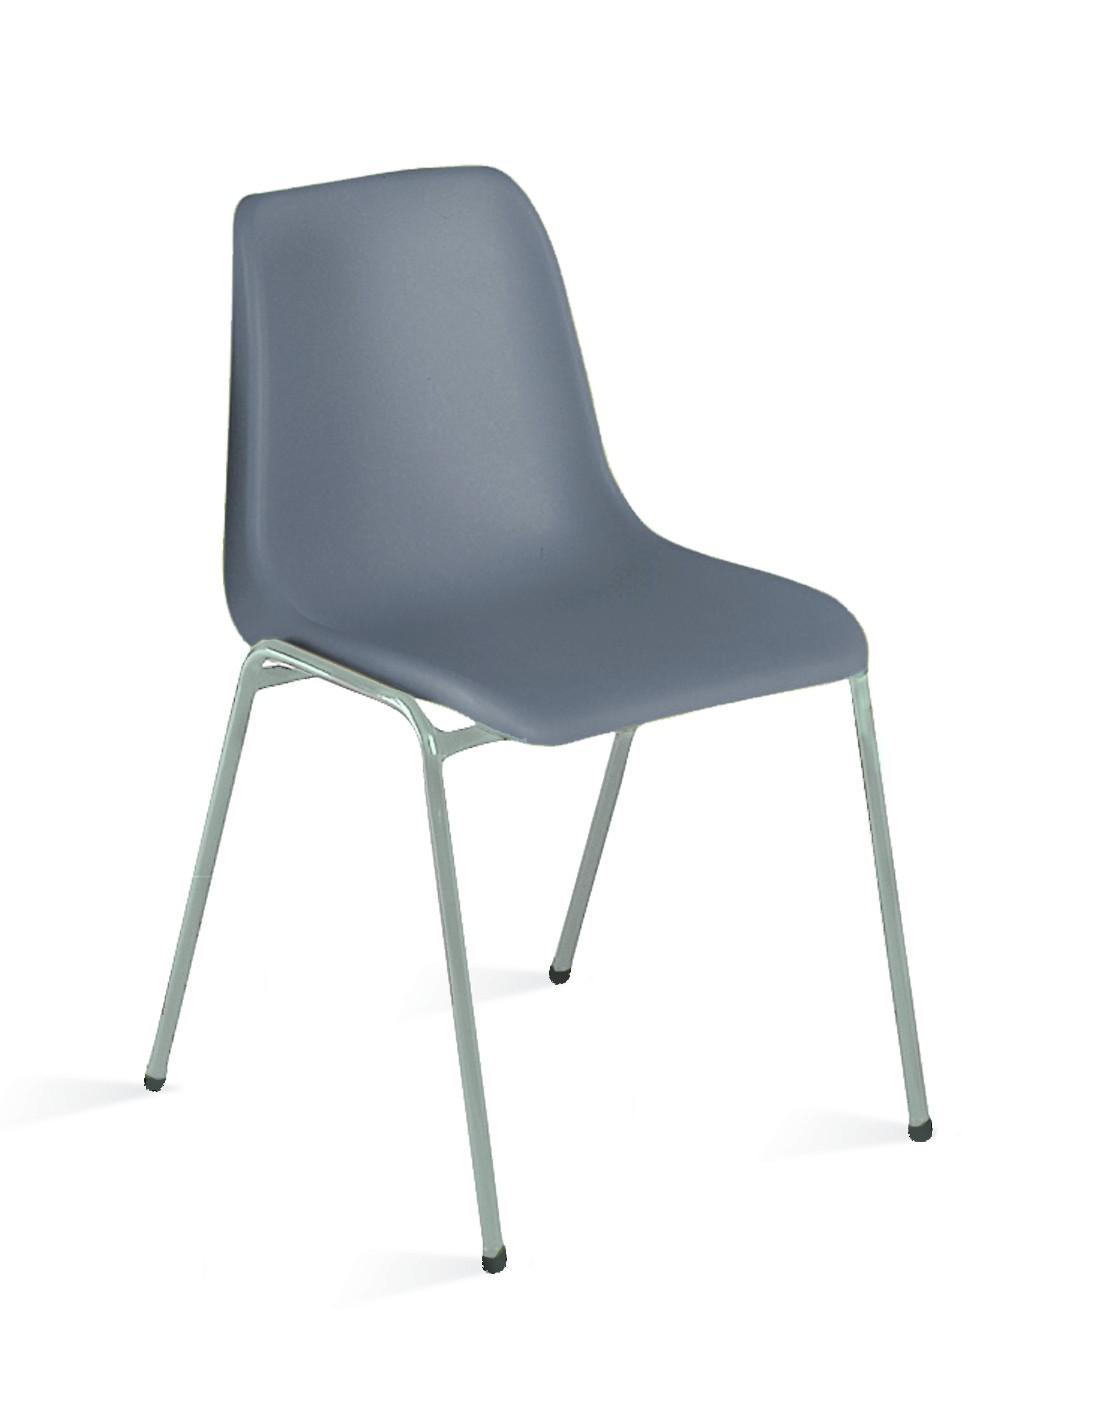 chaise coque plastique collectivit fabricant fran ais depuis 1967. Black Bedroom Furniture Sets. Home Design Ideas